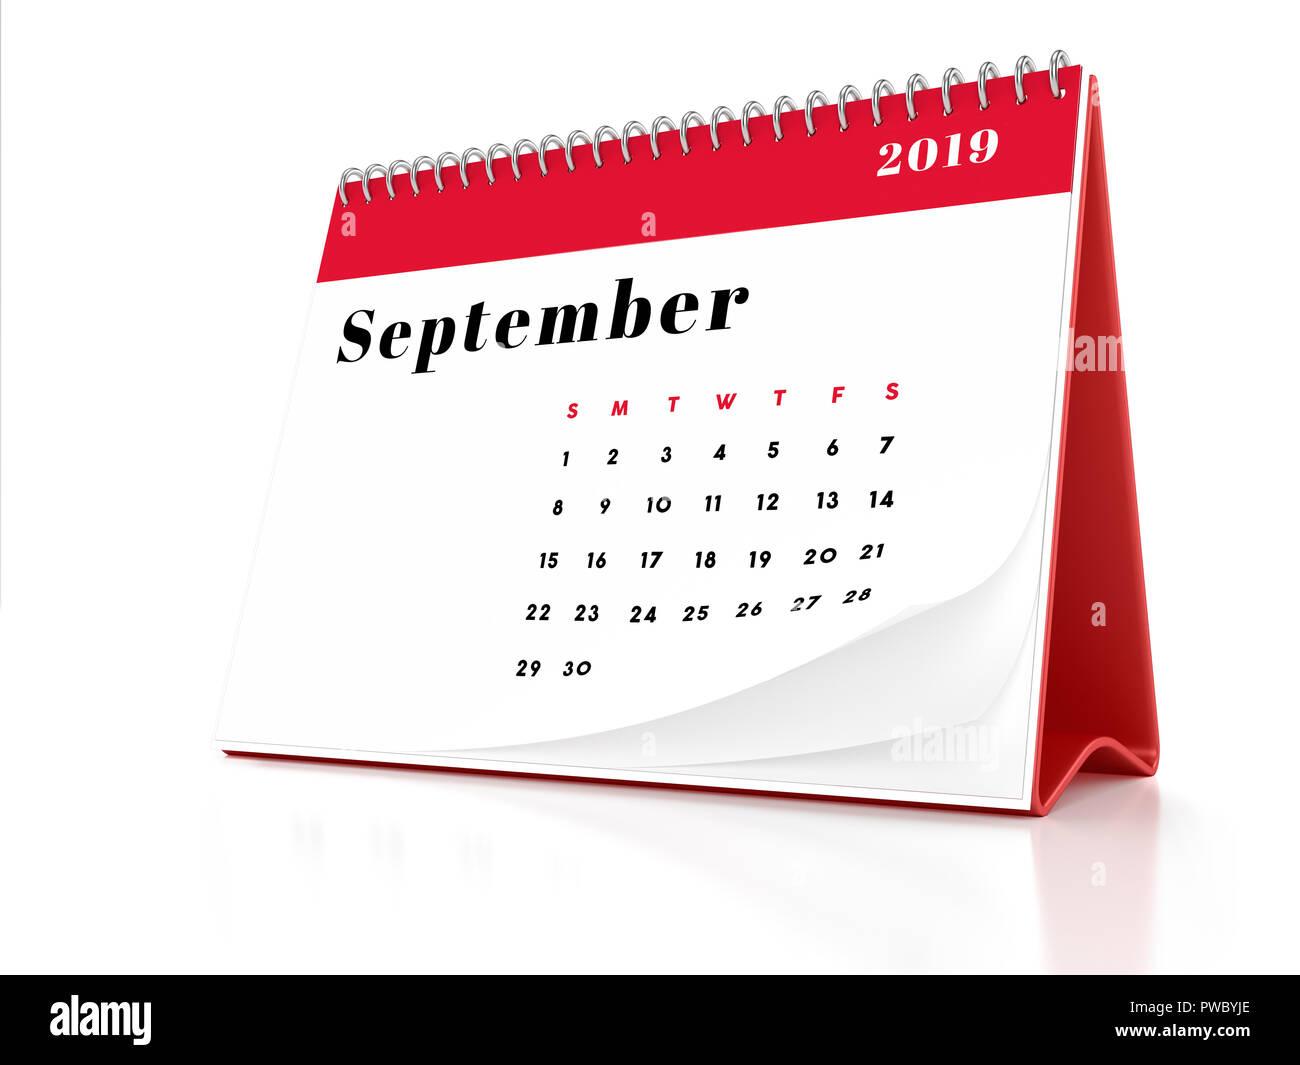 Pagina Di Calendario Settembre 2019.2019 Settembre Pagina Di Un Calendario Desktop Su Sfondo